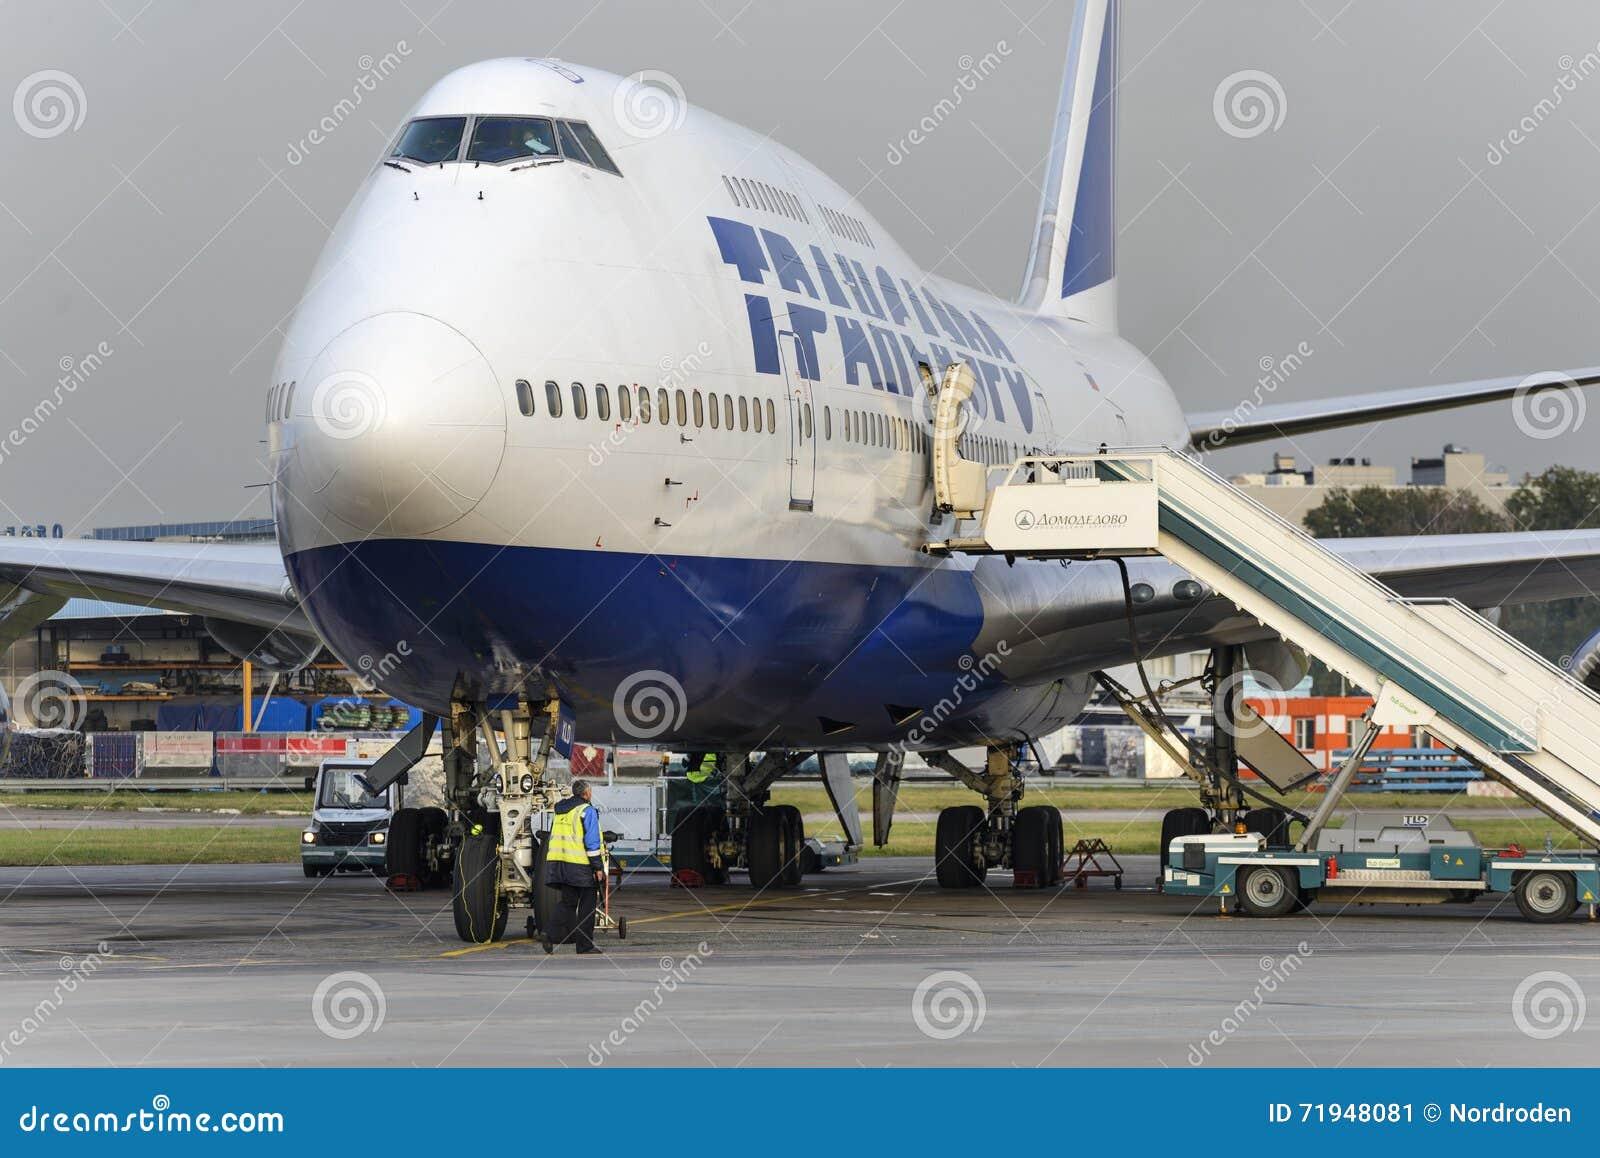 Восхождение на борт Боинга 747 Transaero ждать